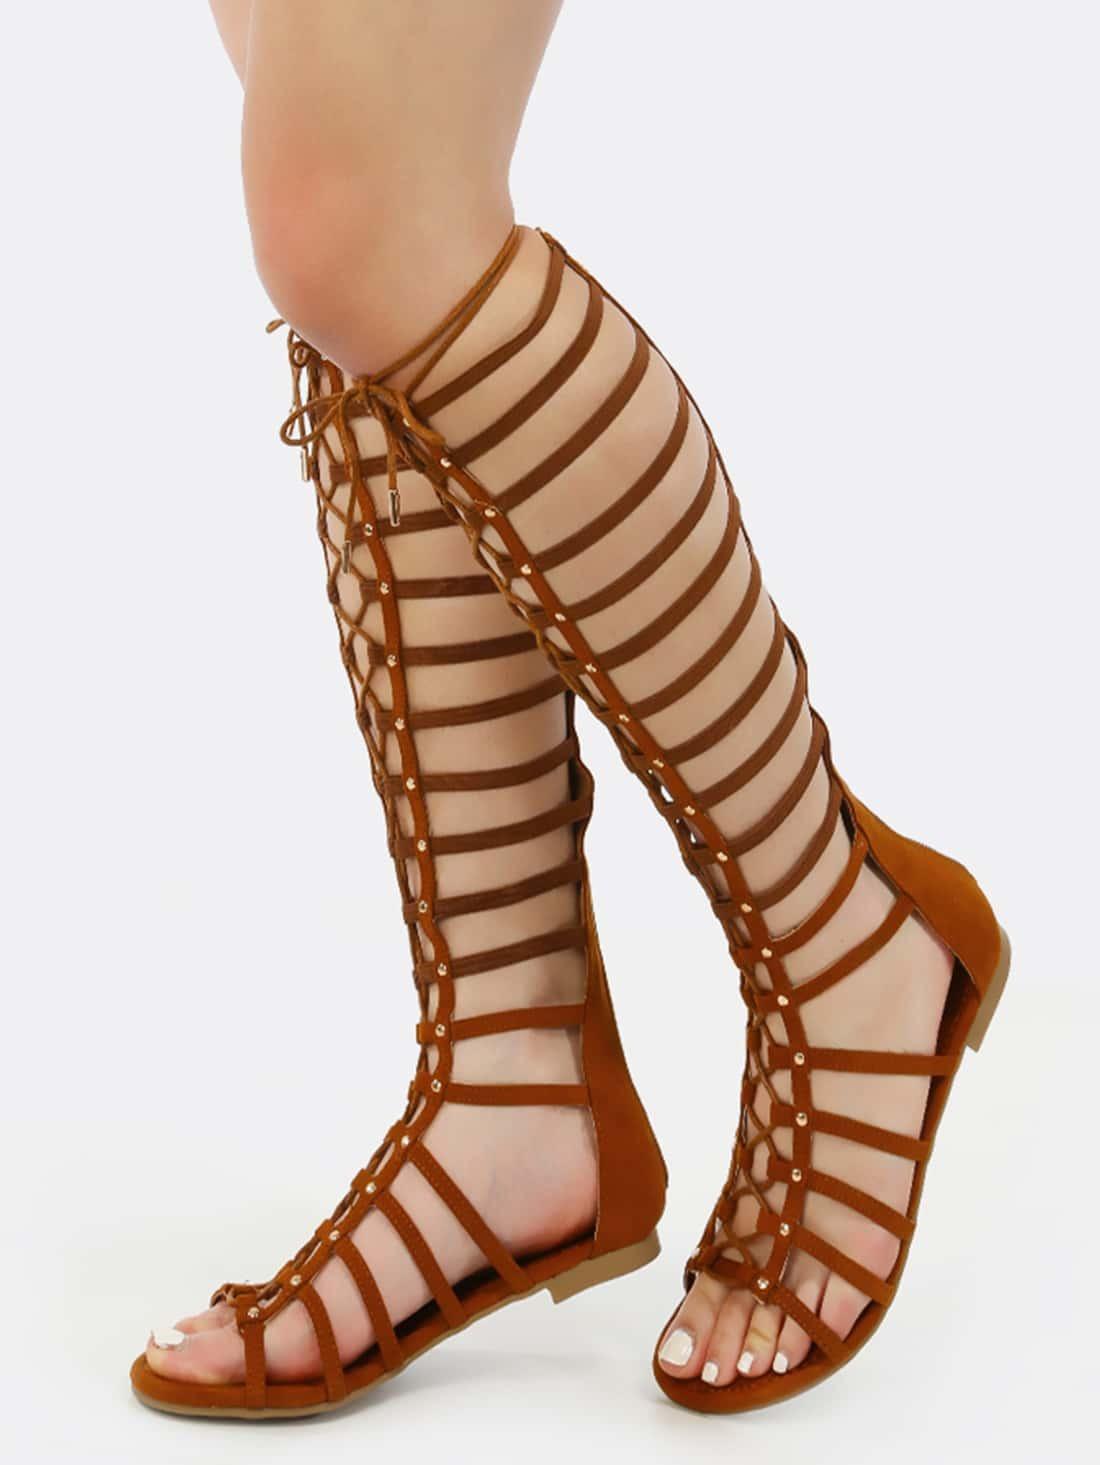 a29ef39b282f Studded Elastic Gladiator Sandals COGNAC EmmaCloth-Women Fast ...